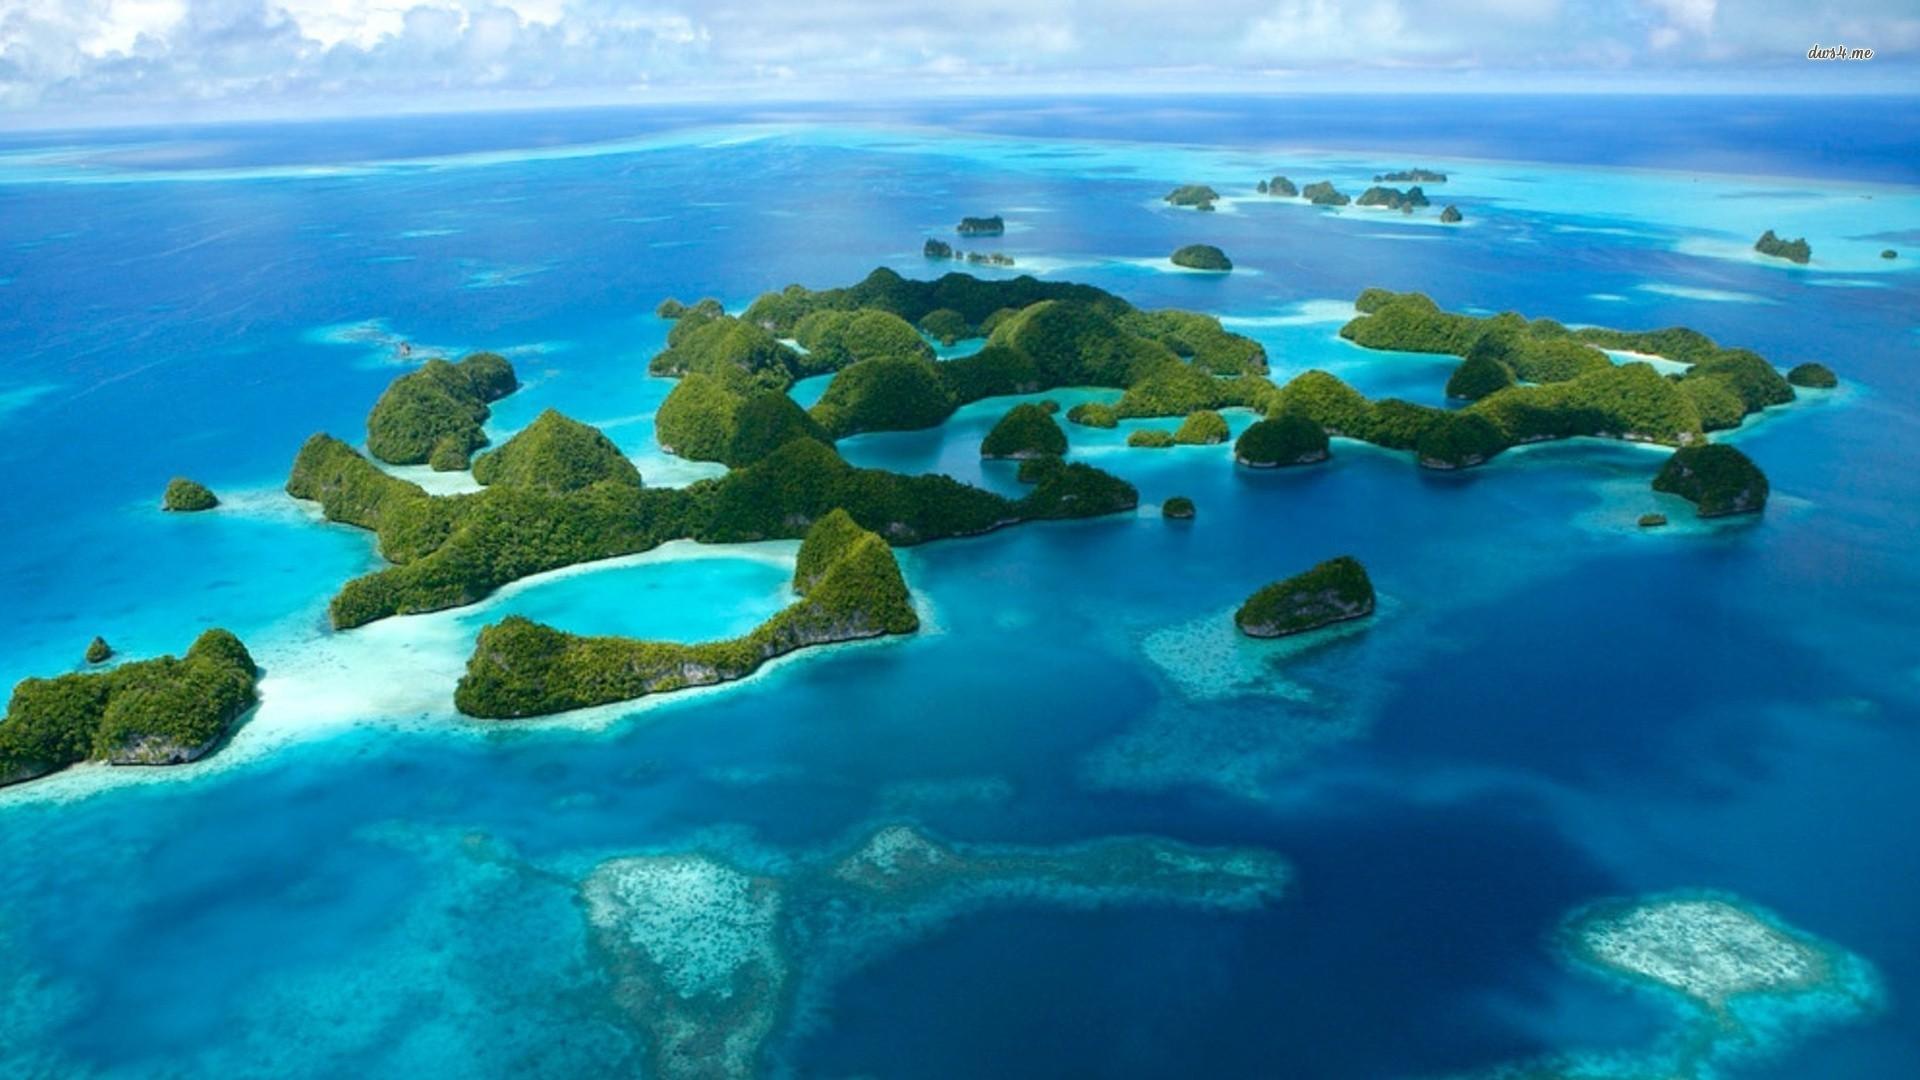 13 9584 palau islands thailand 19202151080 beach wallpaper 1920x1080